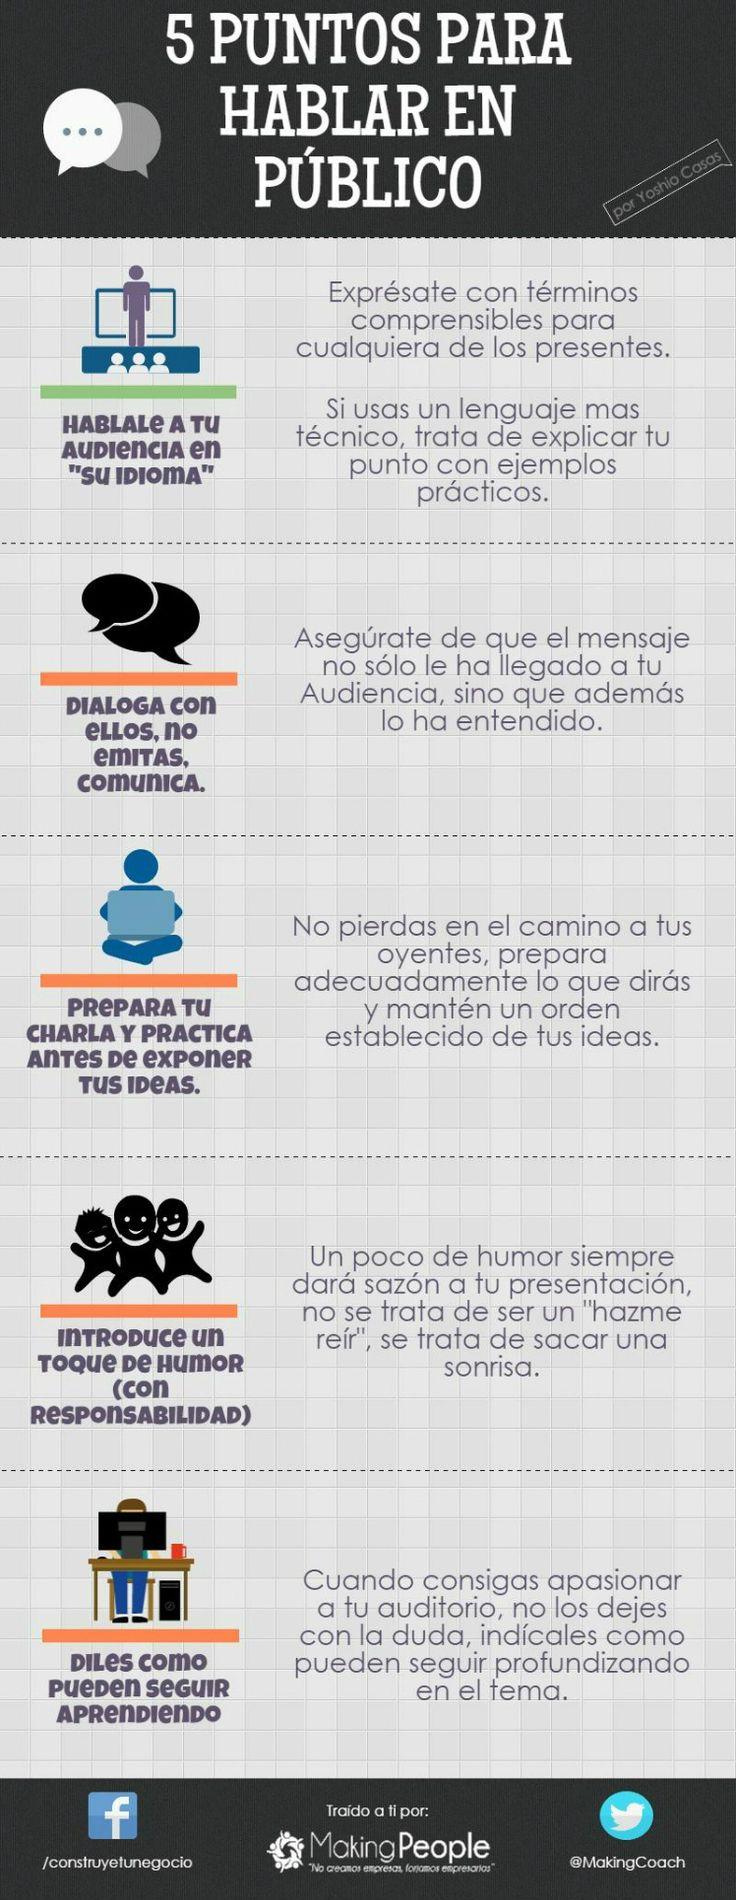 Infografía con 5 pasos para hablar en público y triunfar.